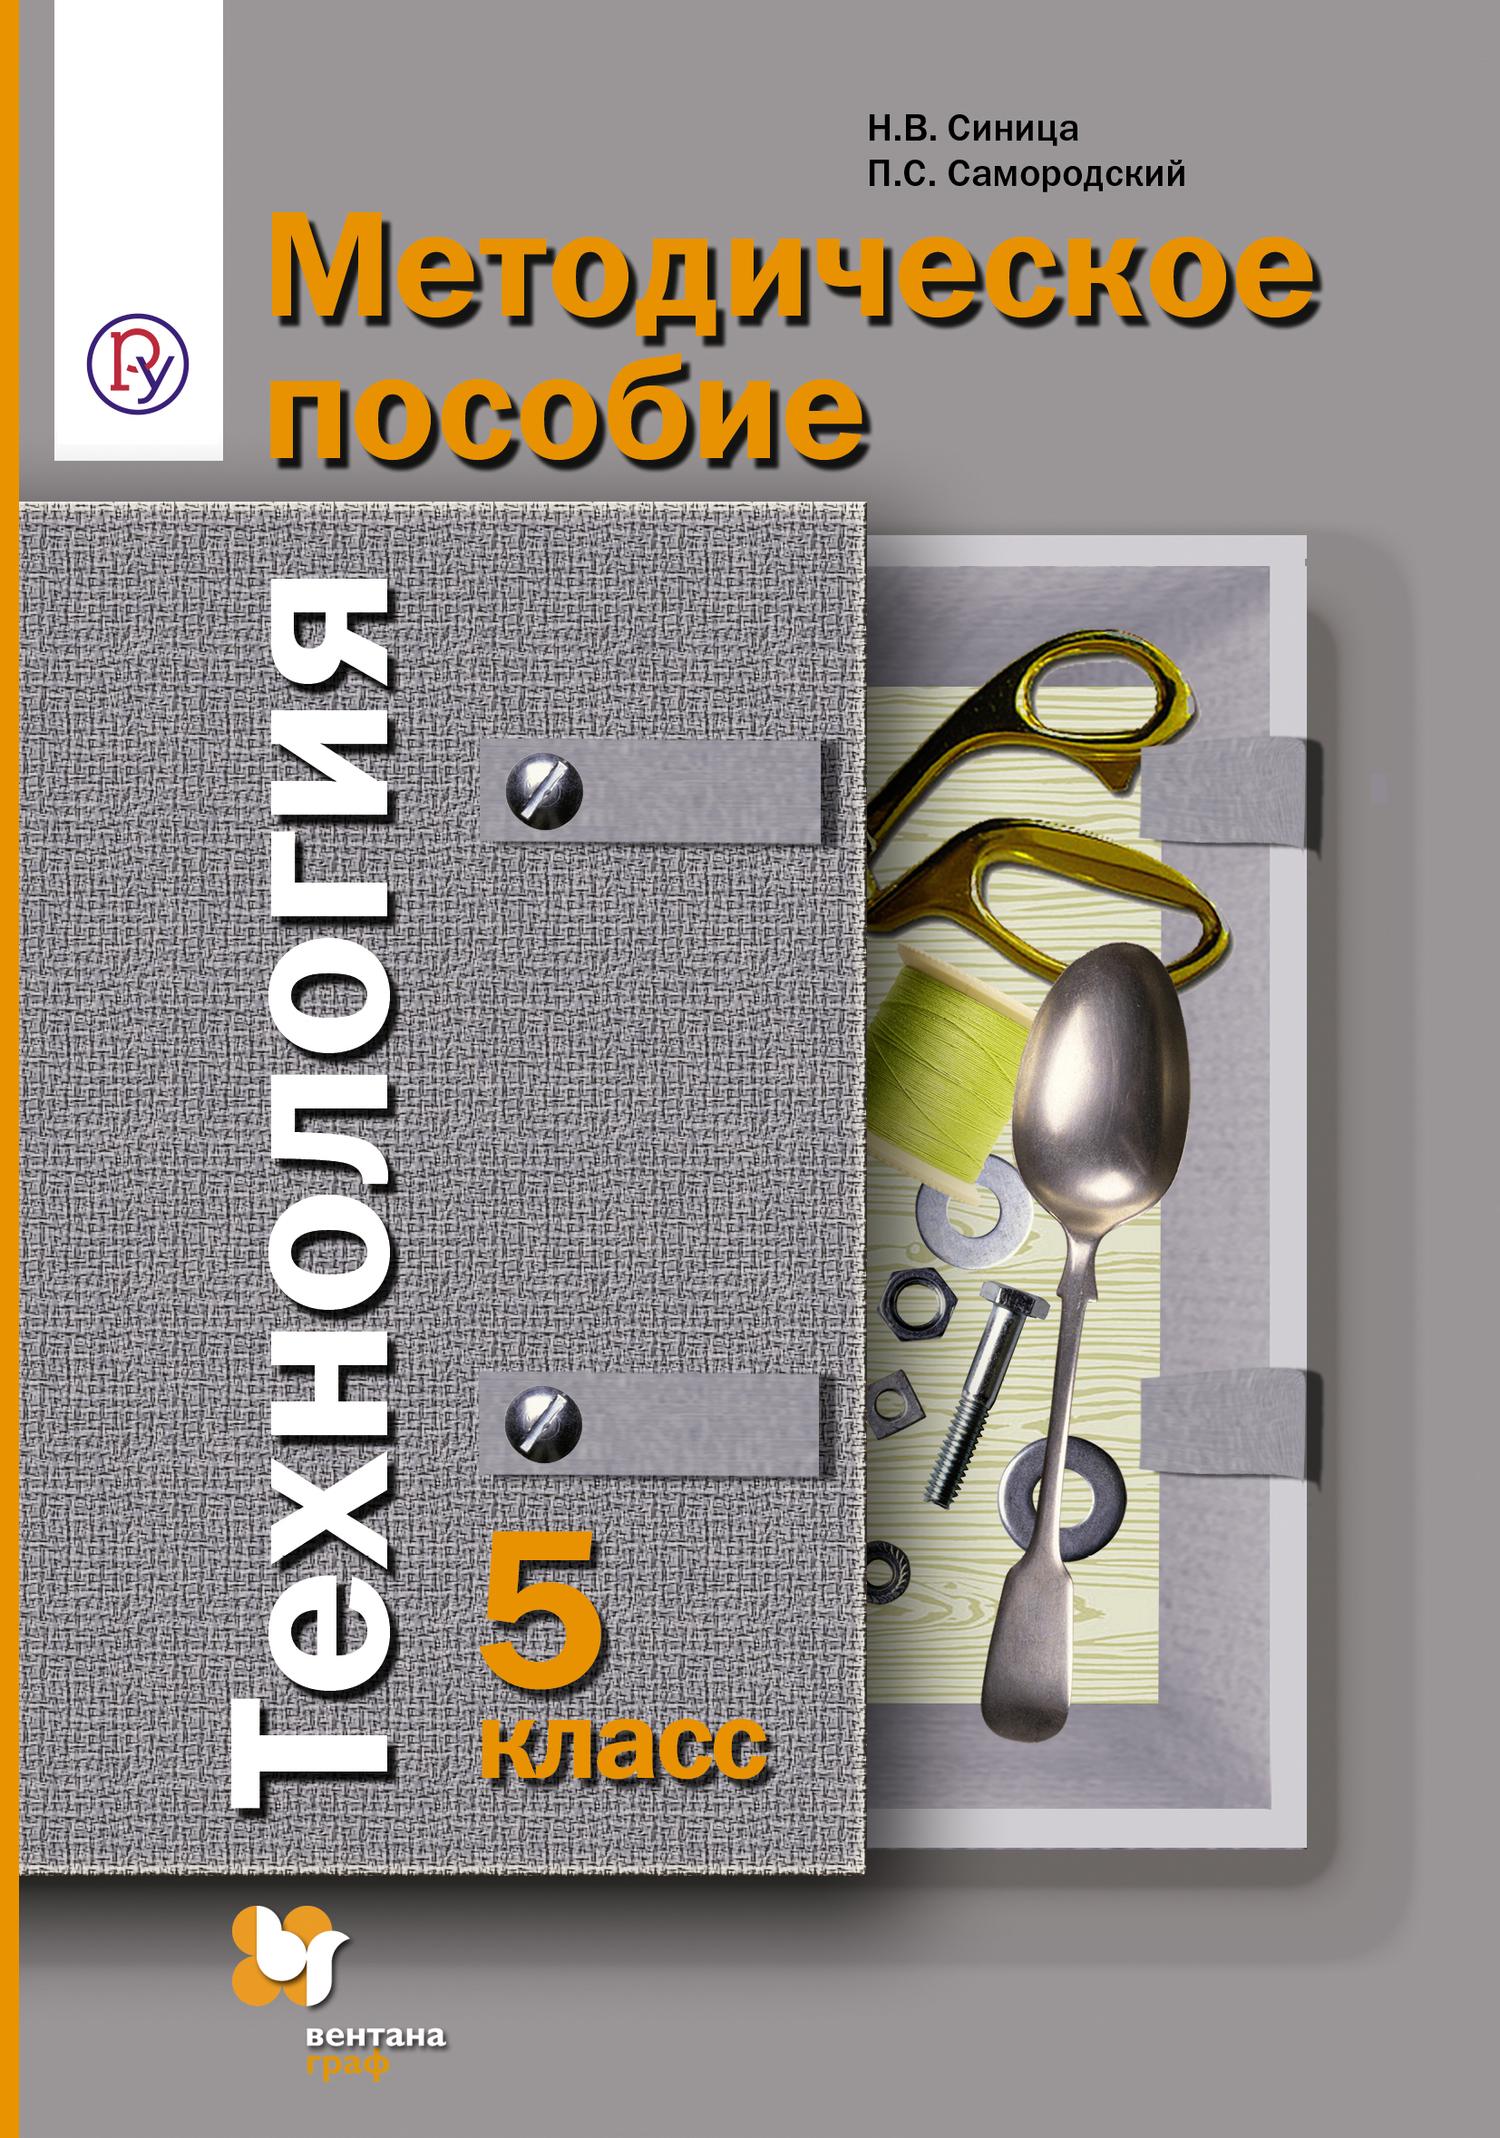 Н. В. Синица Технология. 5 класс. Методическое пособие учебники вентана граф технология 2 кл методическое пособие издание 2